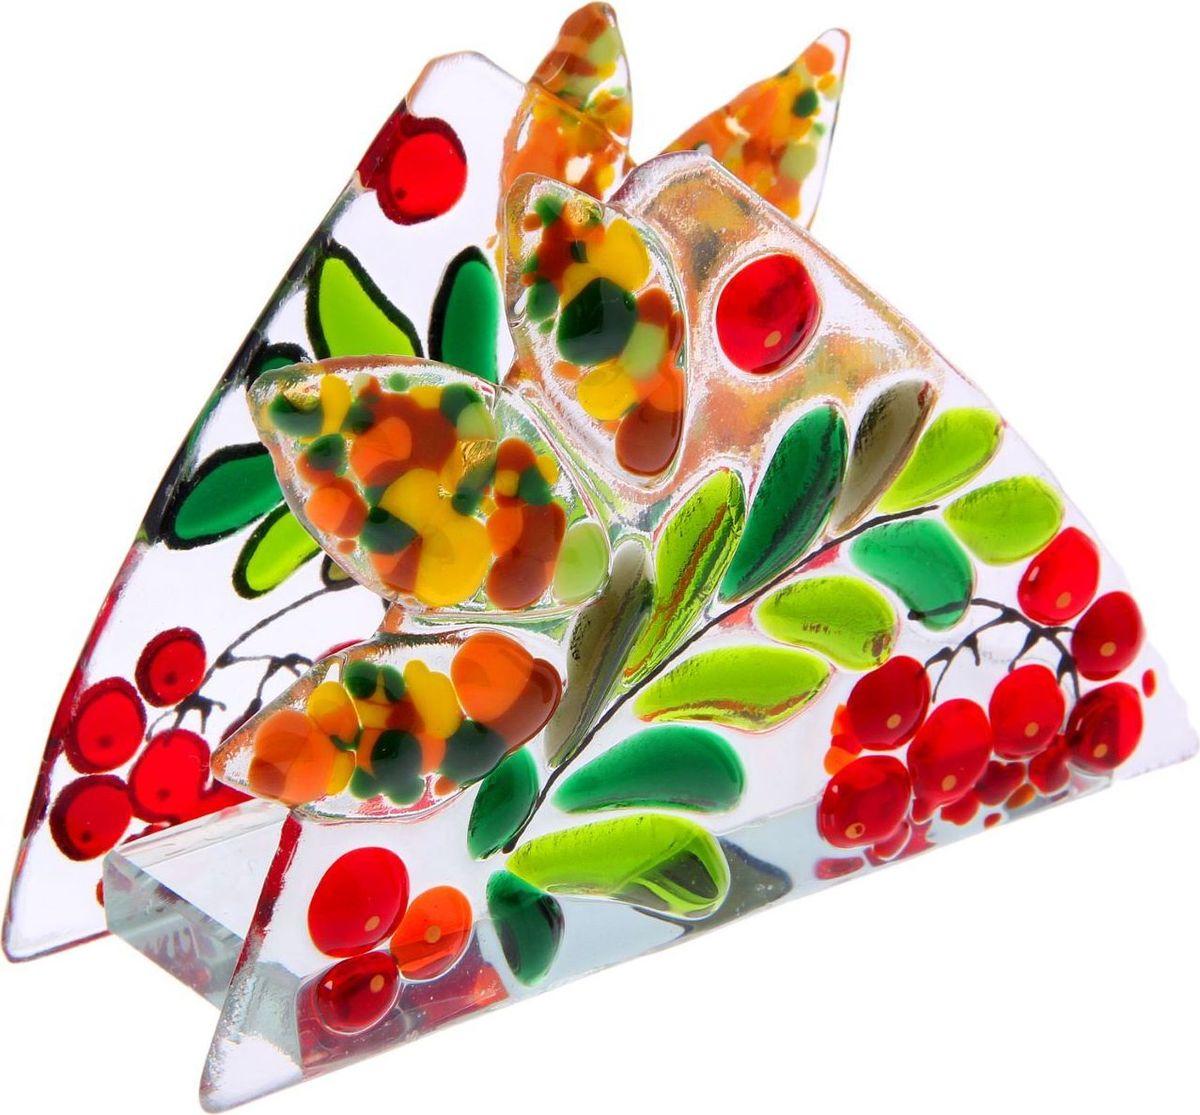 Салфетница декоративная Декостек Рябинка, 11 х 10 см. 22617632261763Салфетница изготовлена из цветного стекла, полученного методом фьюзинга — сплавлением материала при температуре более 800 градусов. Технология позволяет создавать витражи и различные вещи удивительной красоты. Этот предмет сервировки сделает трапезу запоминающейся и подарит гостям ощущение заботы об их комфорте.